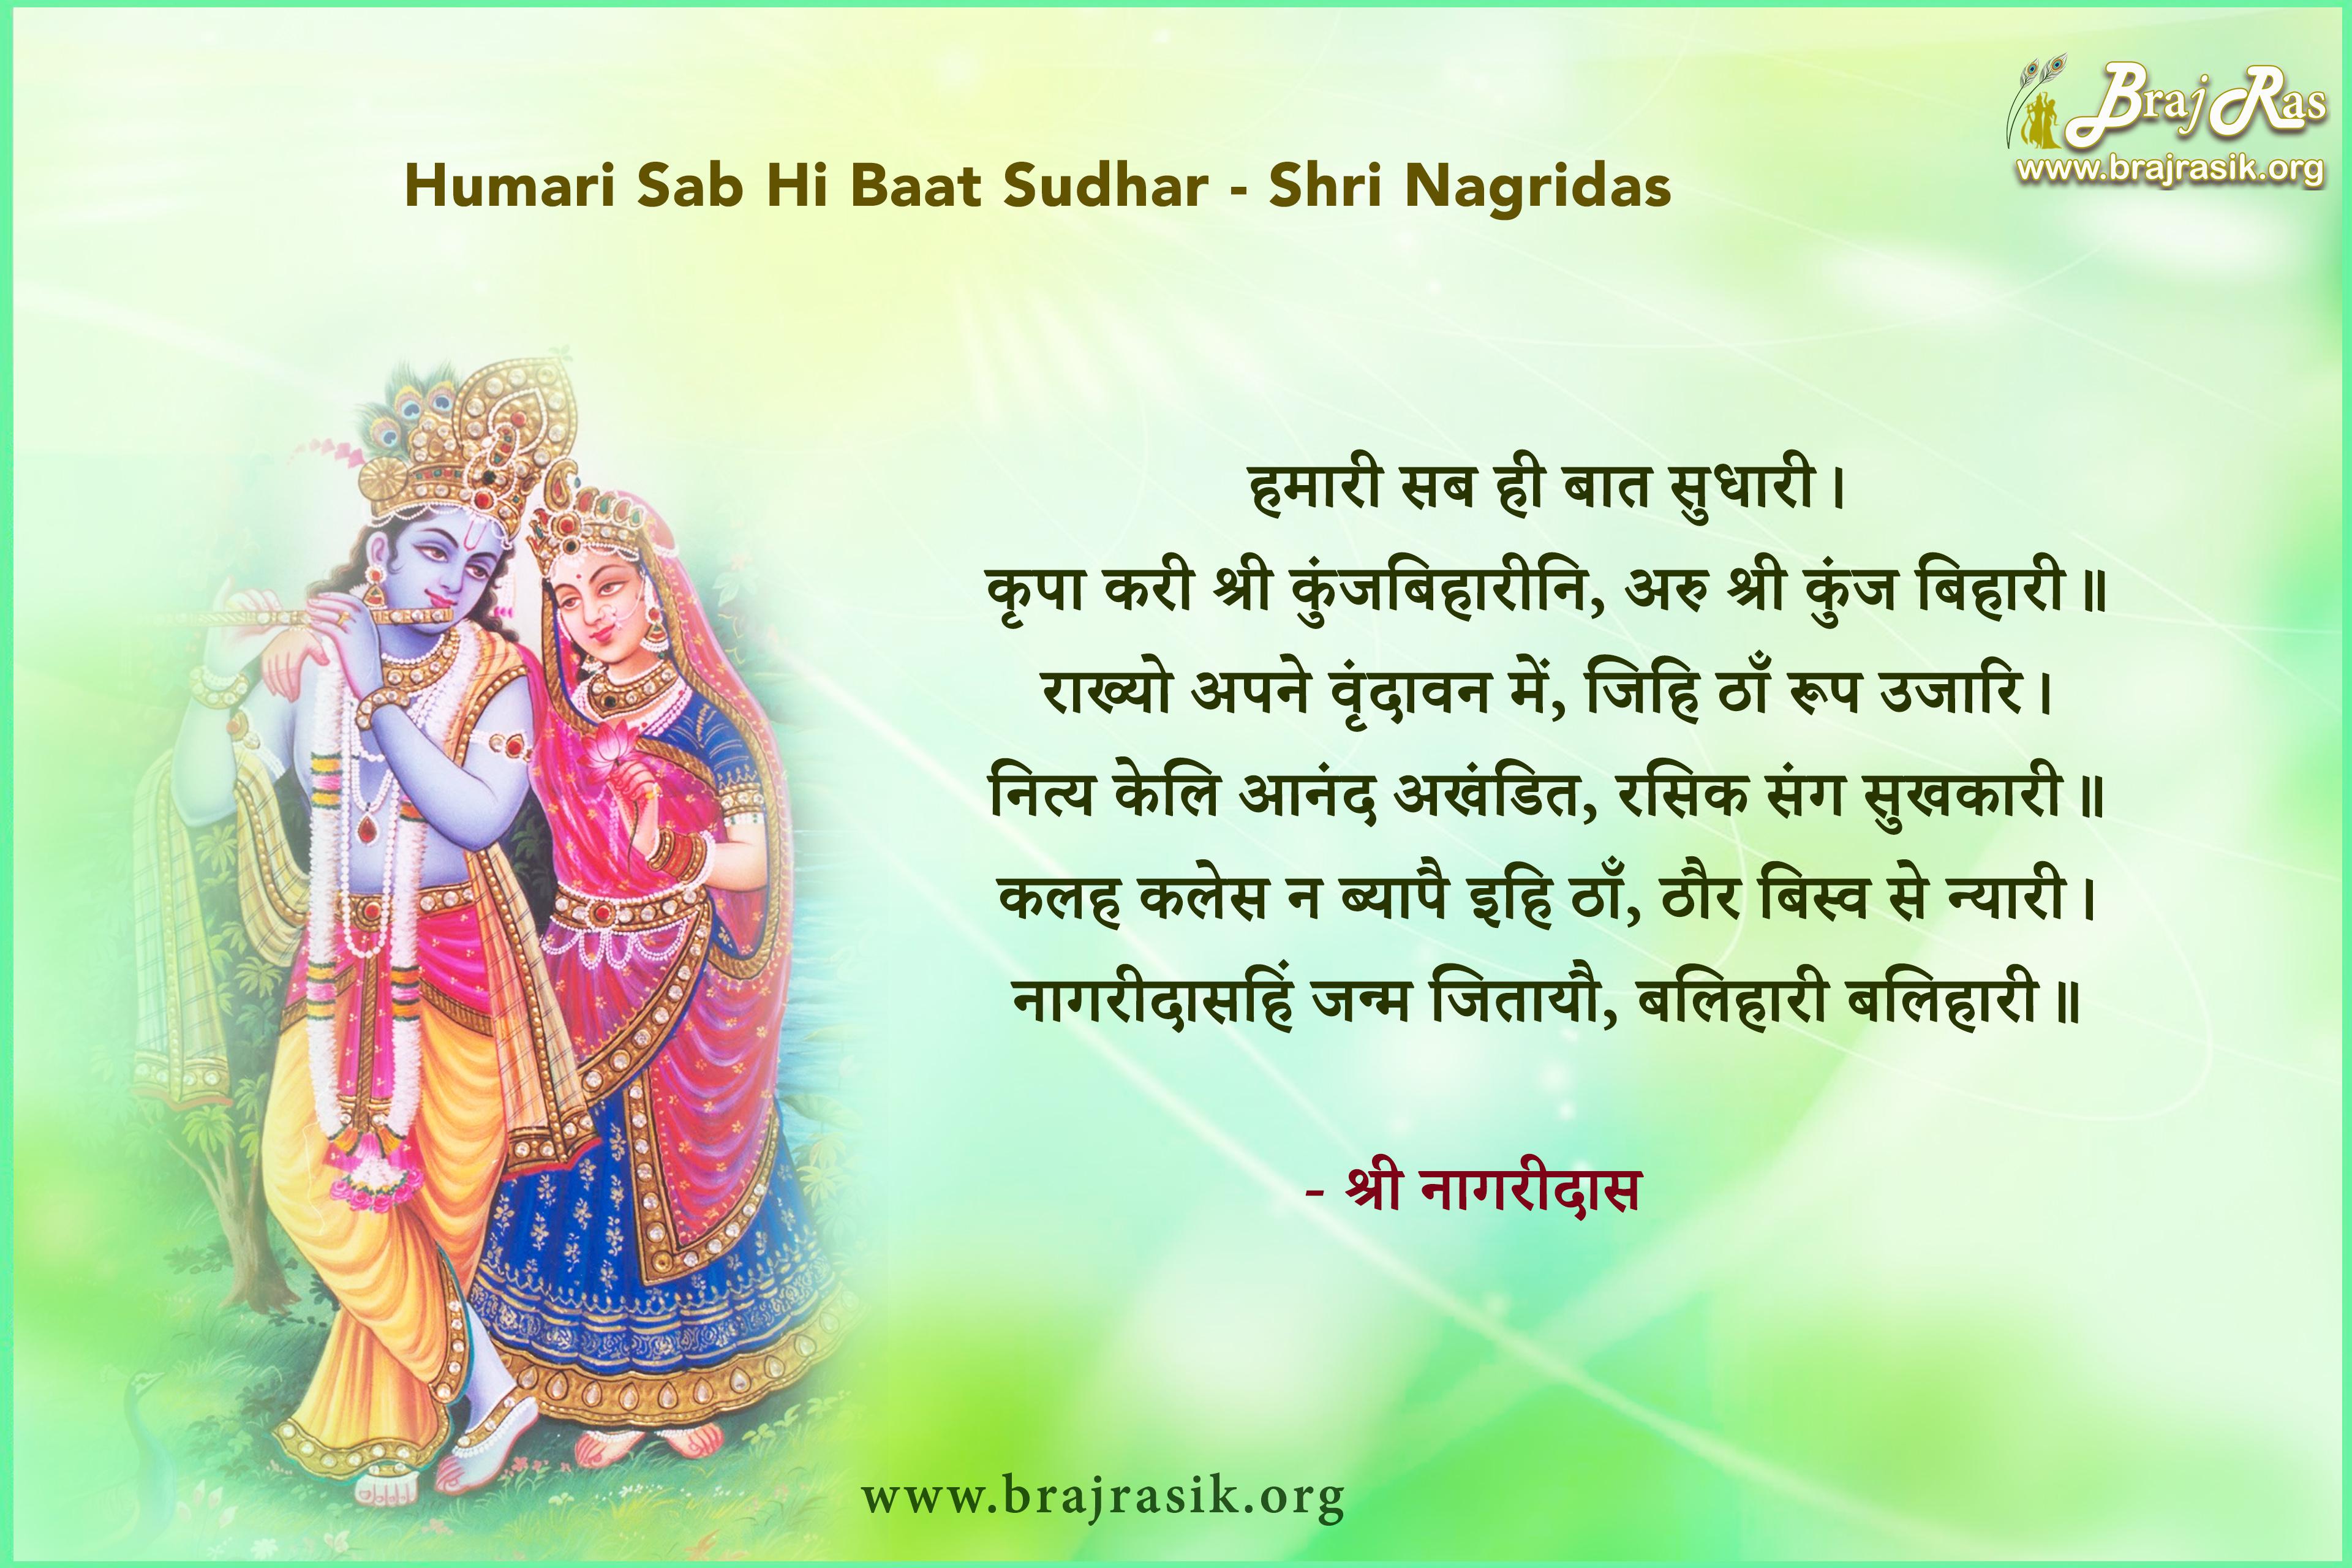 Hamari Sab Hi Bat Sudhari - Shri Nagridas